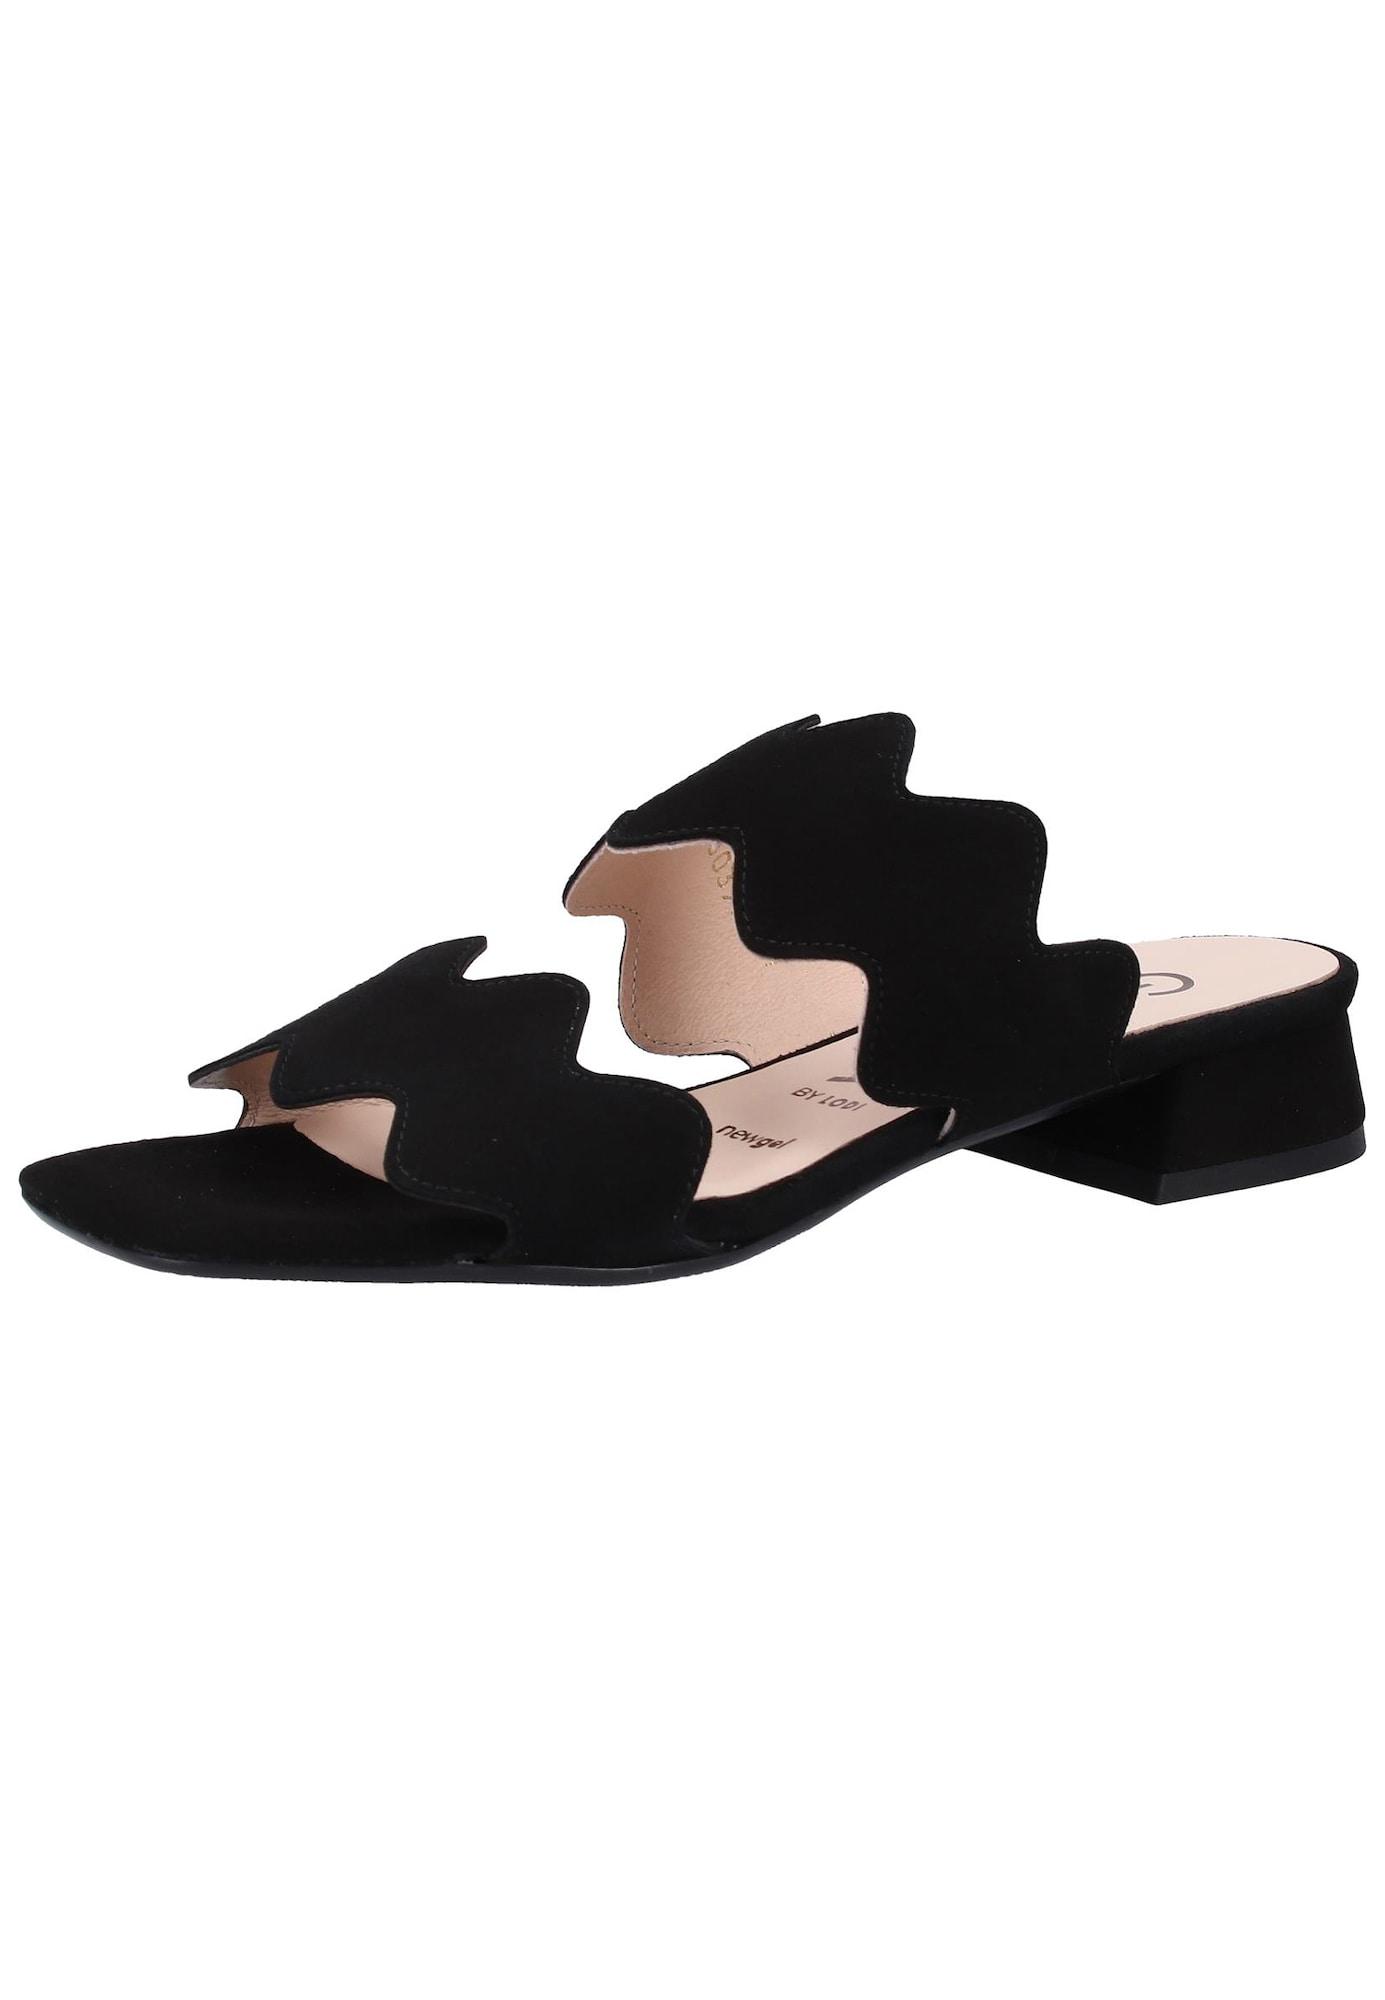 Pantoletten | Schuhe > Clogs & Pantoletten > Klassische Pantoletten | GADEA